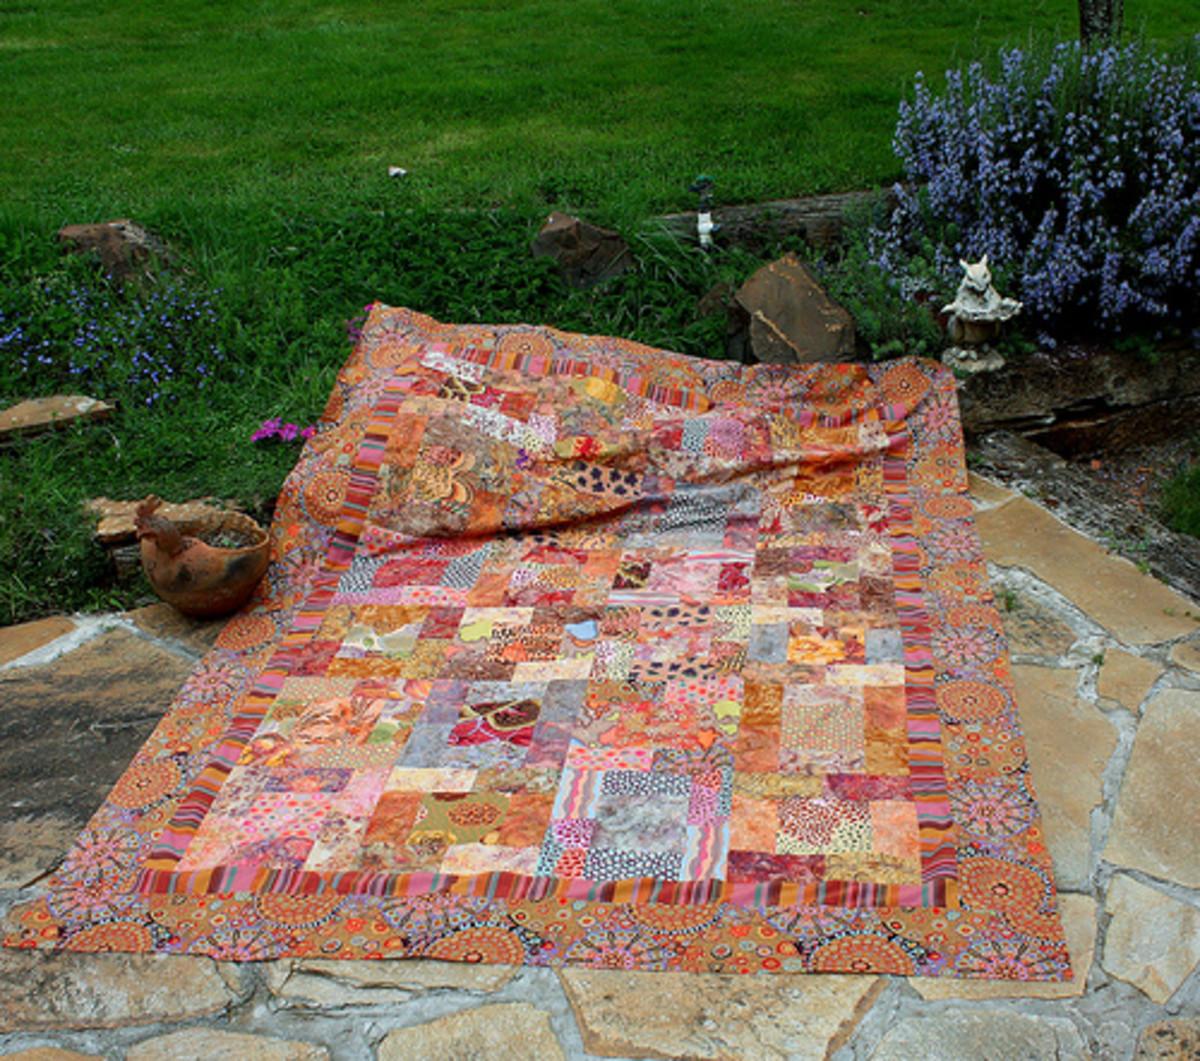 Batik quilt in warm colors